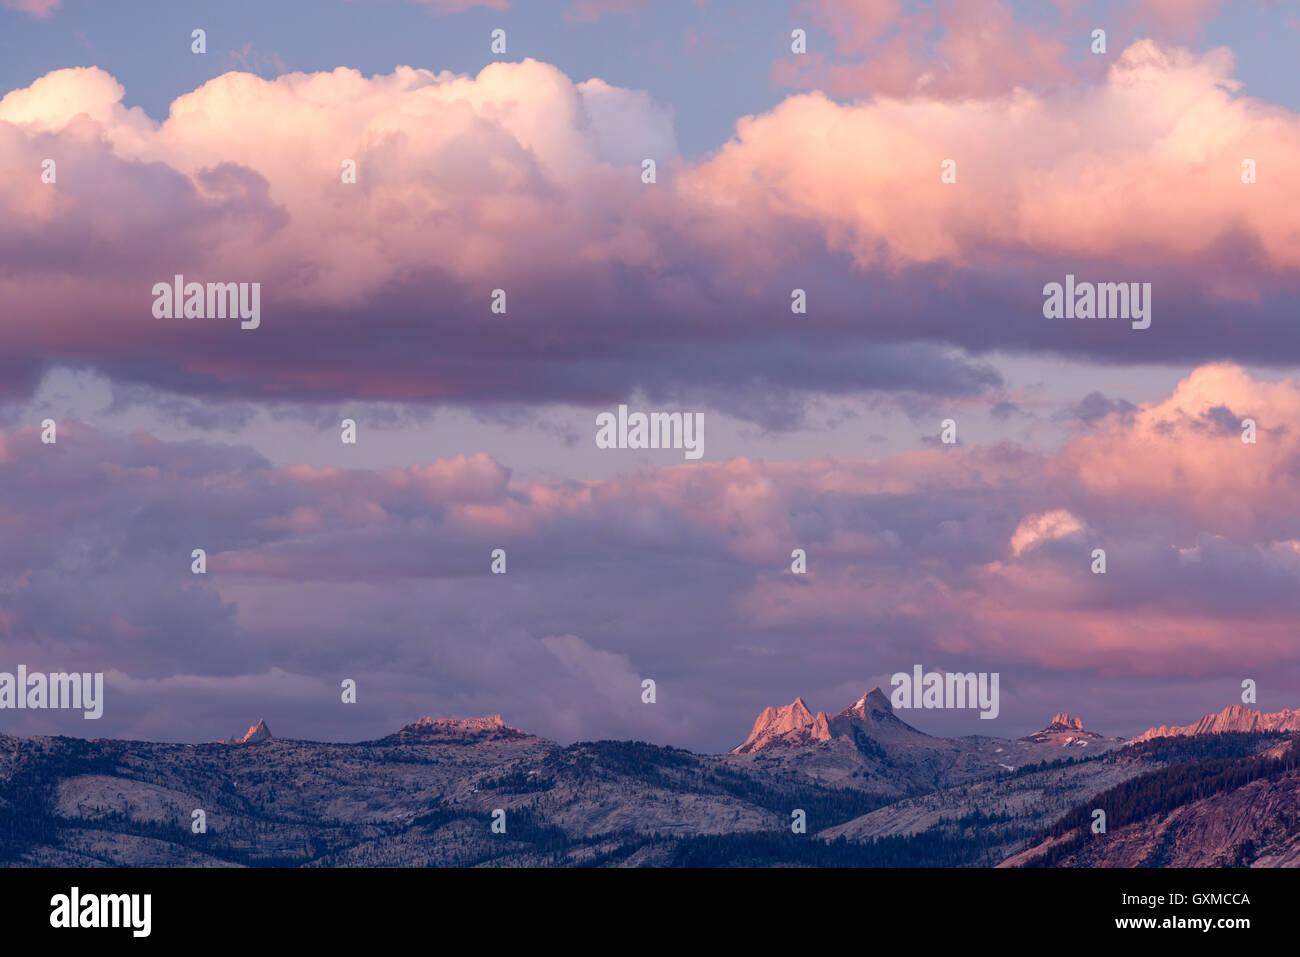 De soleil colorés au-dessus du relief montagneux de Yosemite National Park, California, USA. En été Photo Stock